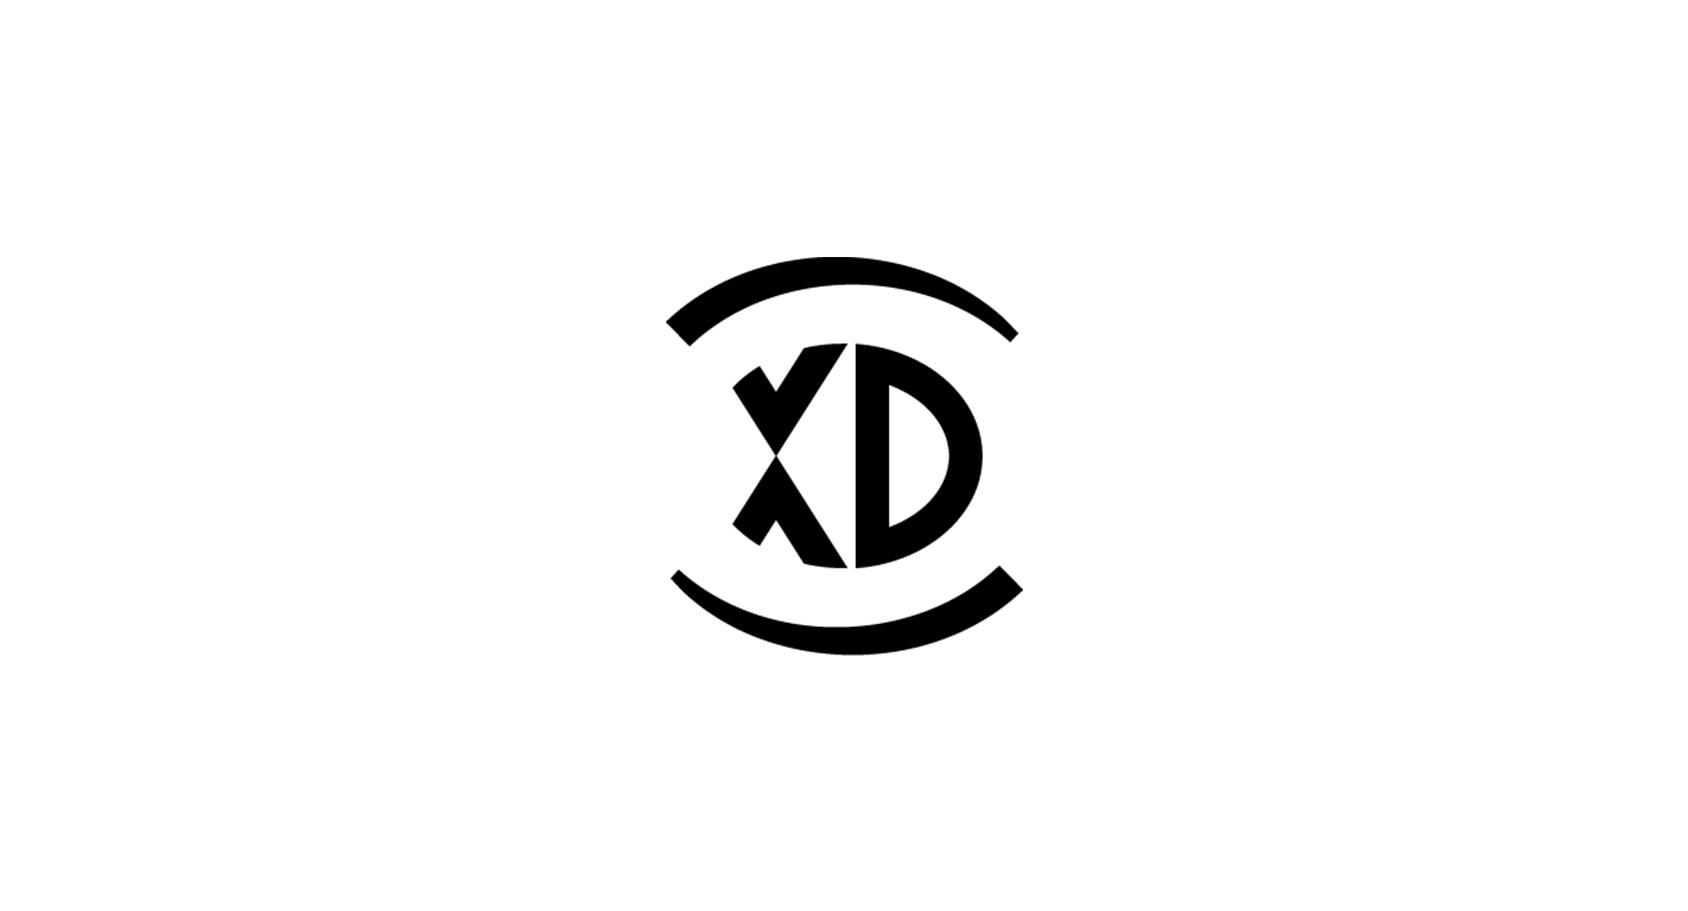 XD(クロスディー)